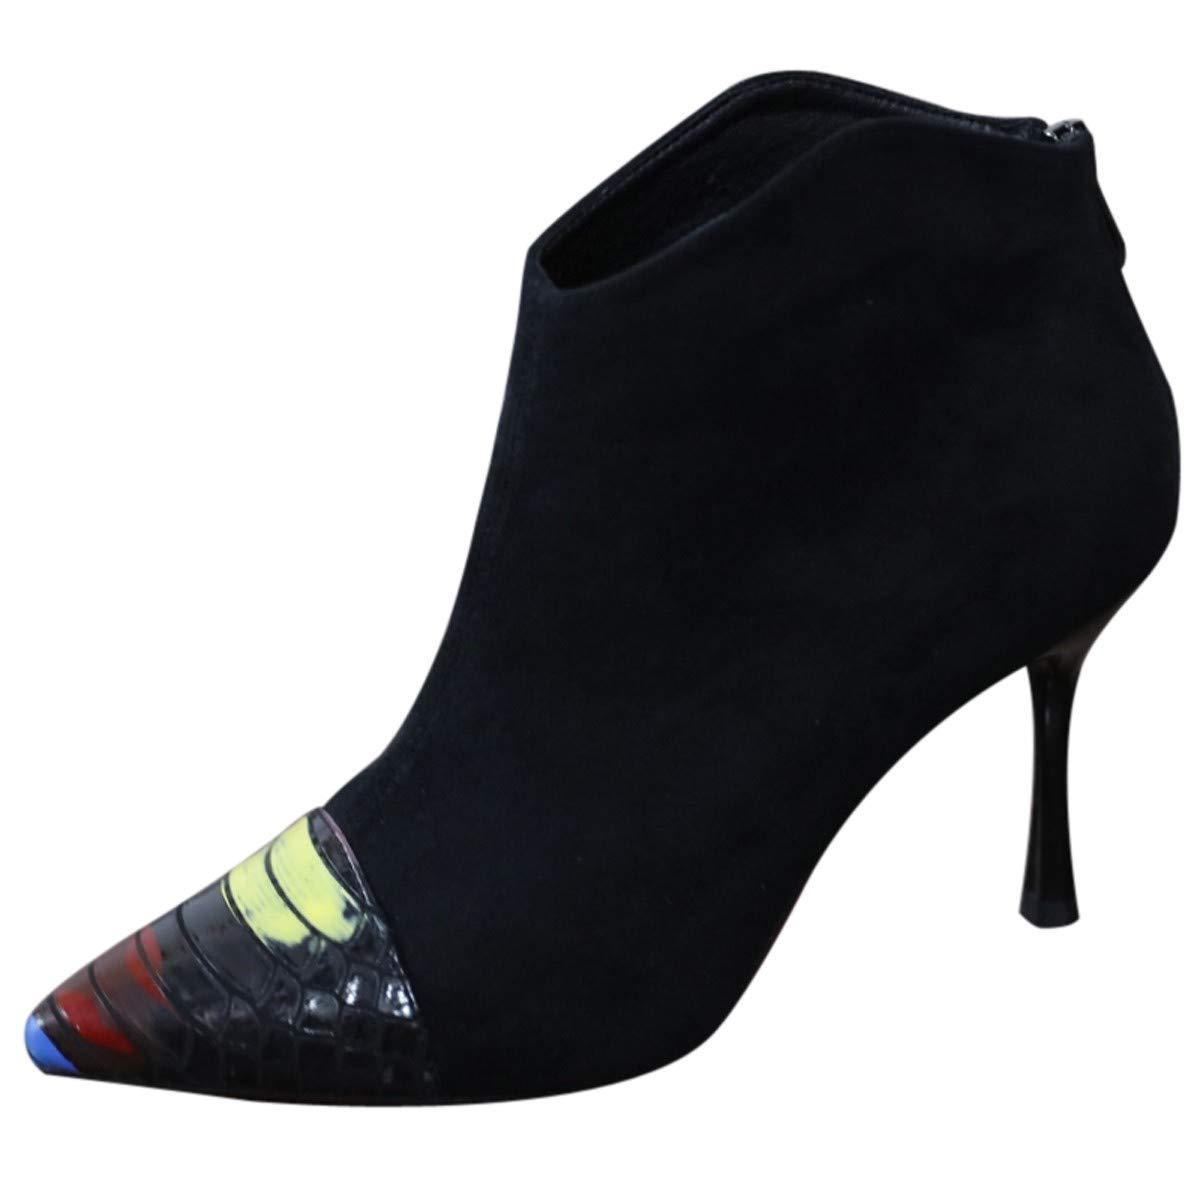 LBTSQ-Sexy Hochhackigen Schuhe 8Cm Scharf Darauf Farbige Kurze Stiefel Slim Reißverschluss Jigsaw-Stiefel.